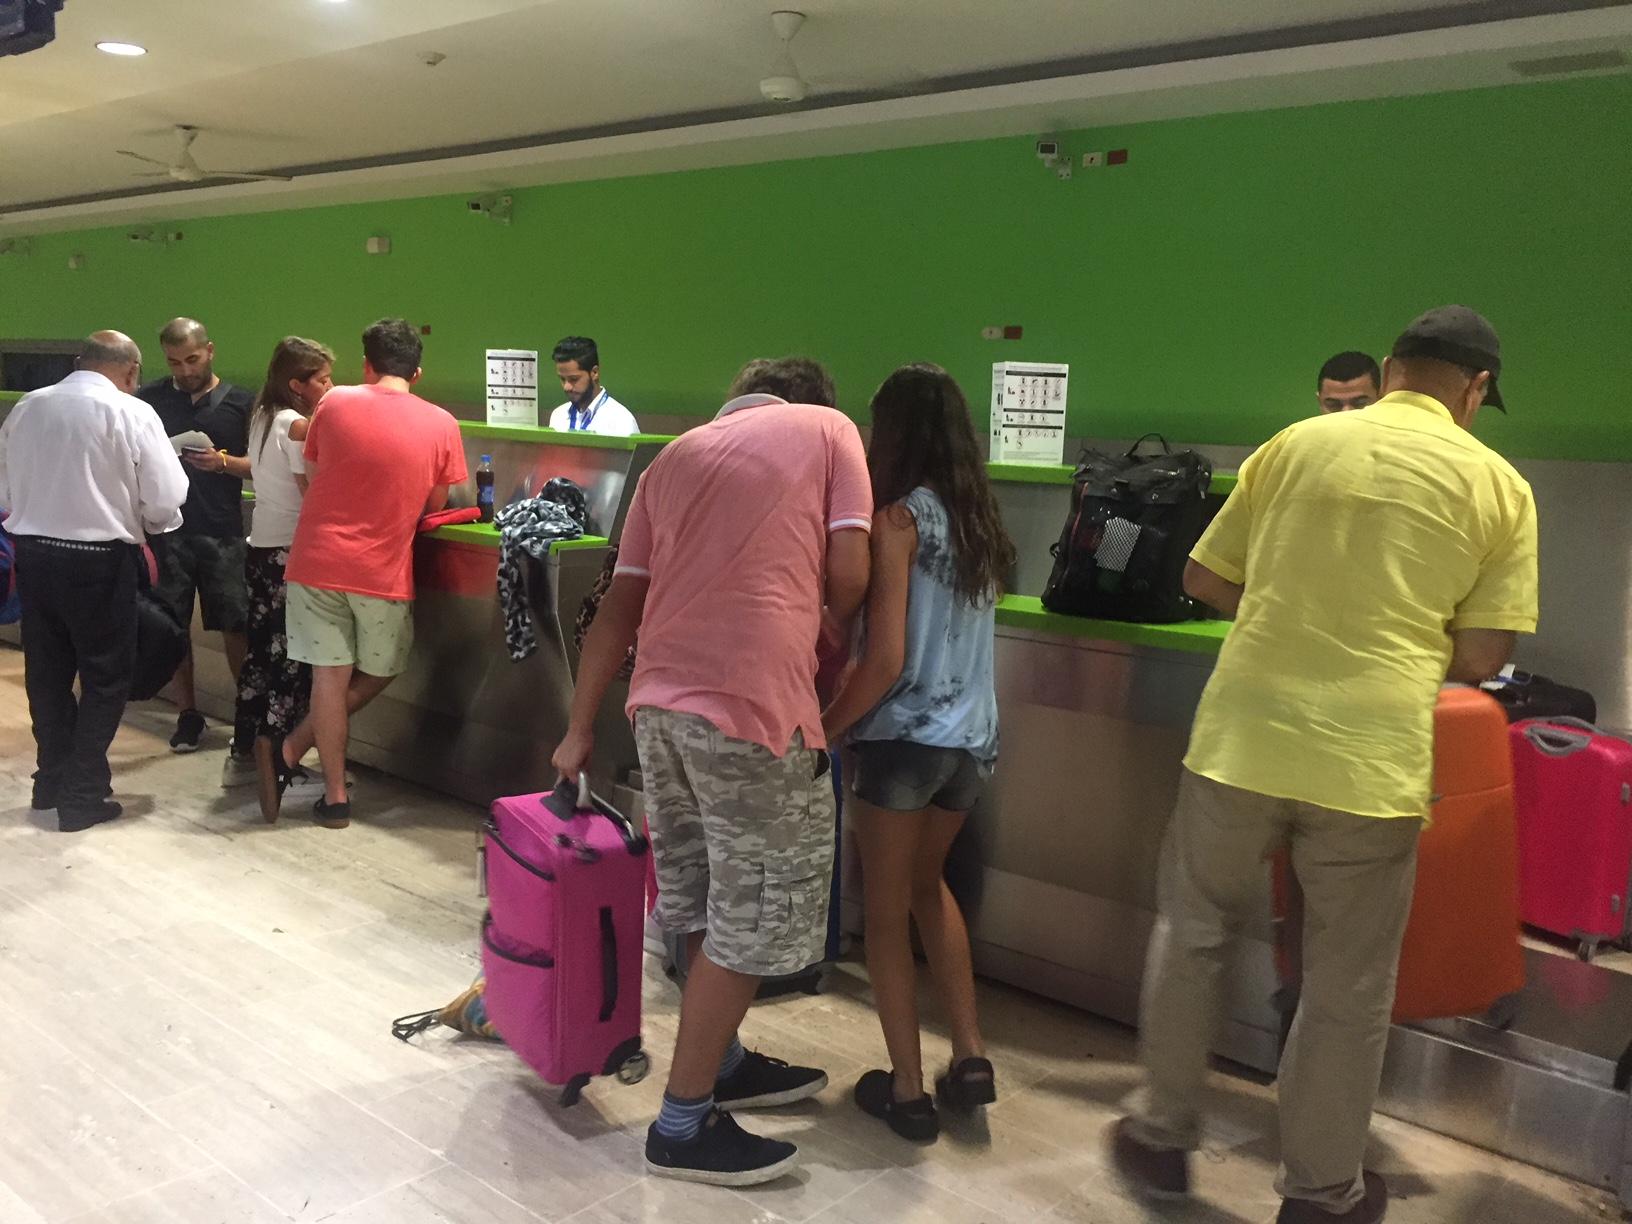 República Dominicana: Junta de Aviación Civi informa más de 2 millones de viajeros pasan por aeropuertos